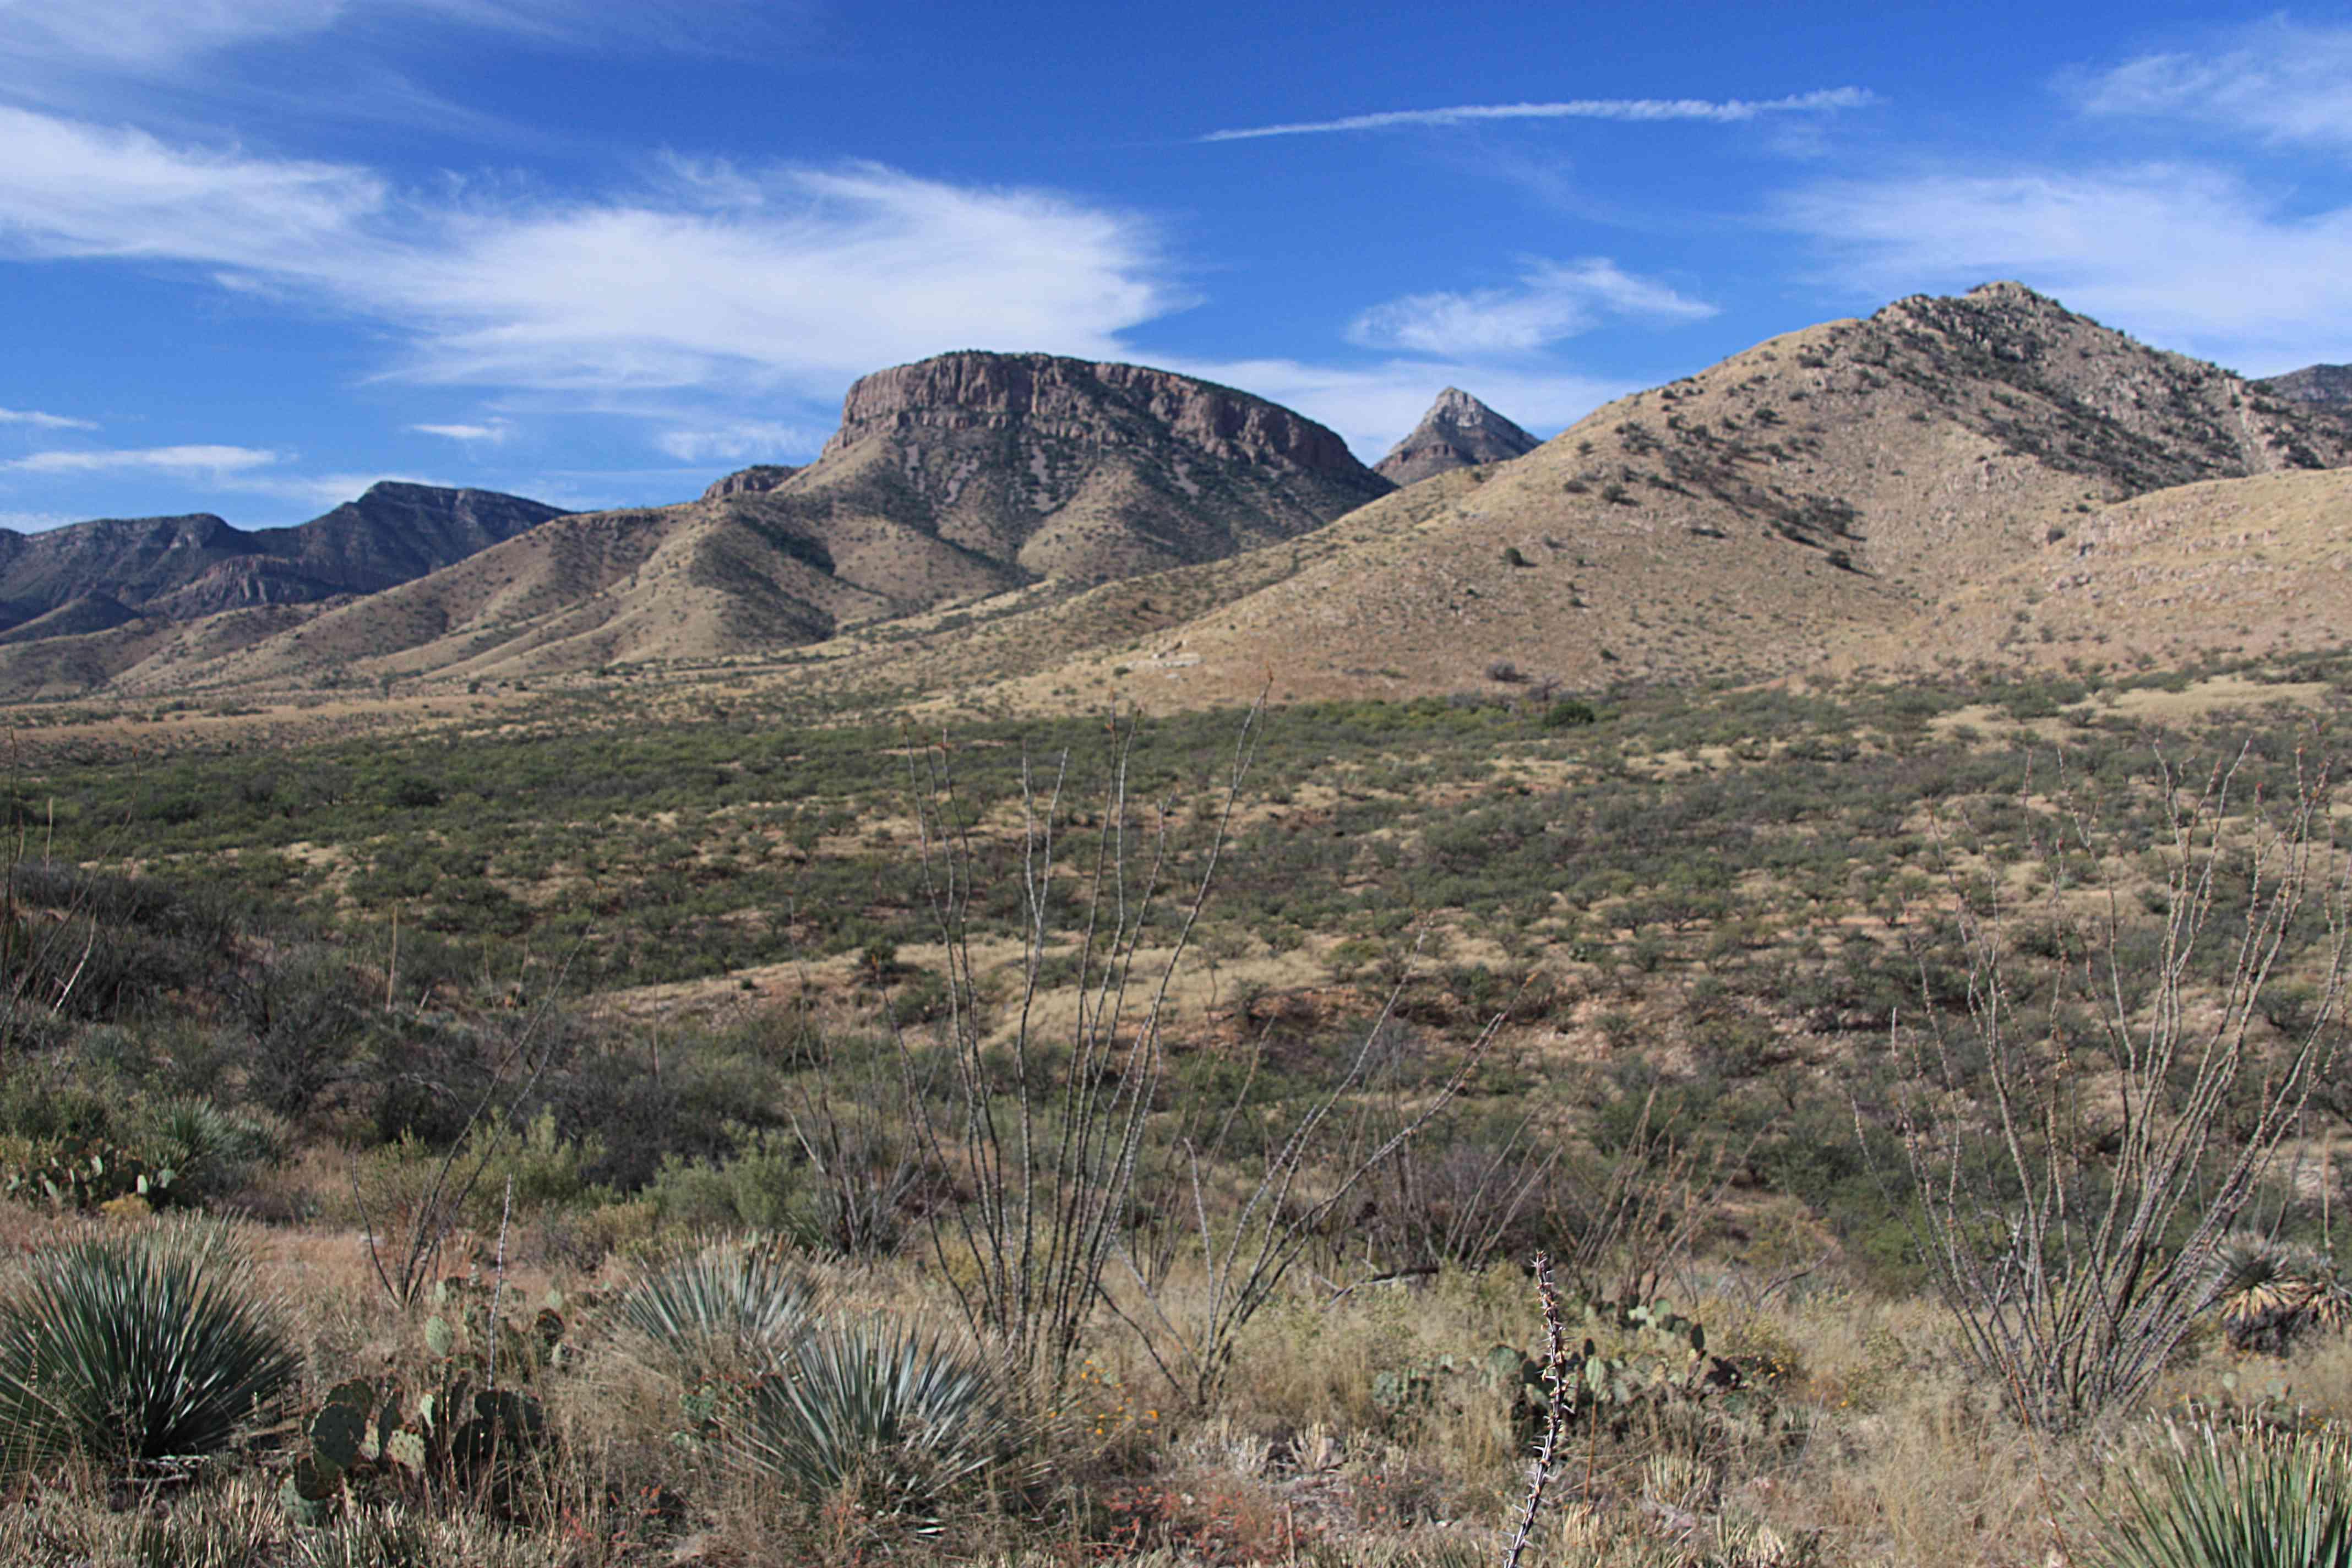 Kartchner Caverns State Park - Arizona